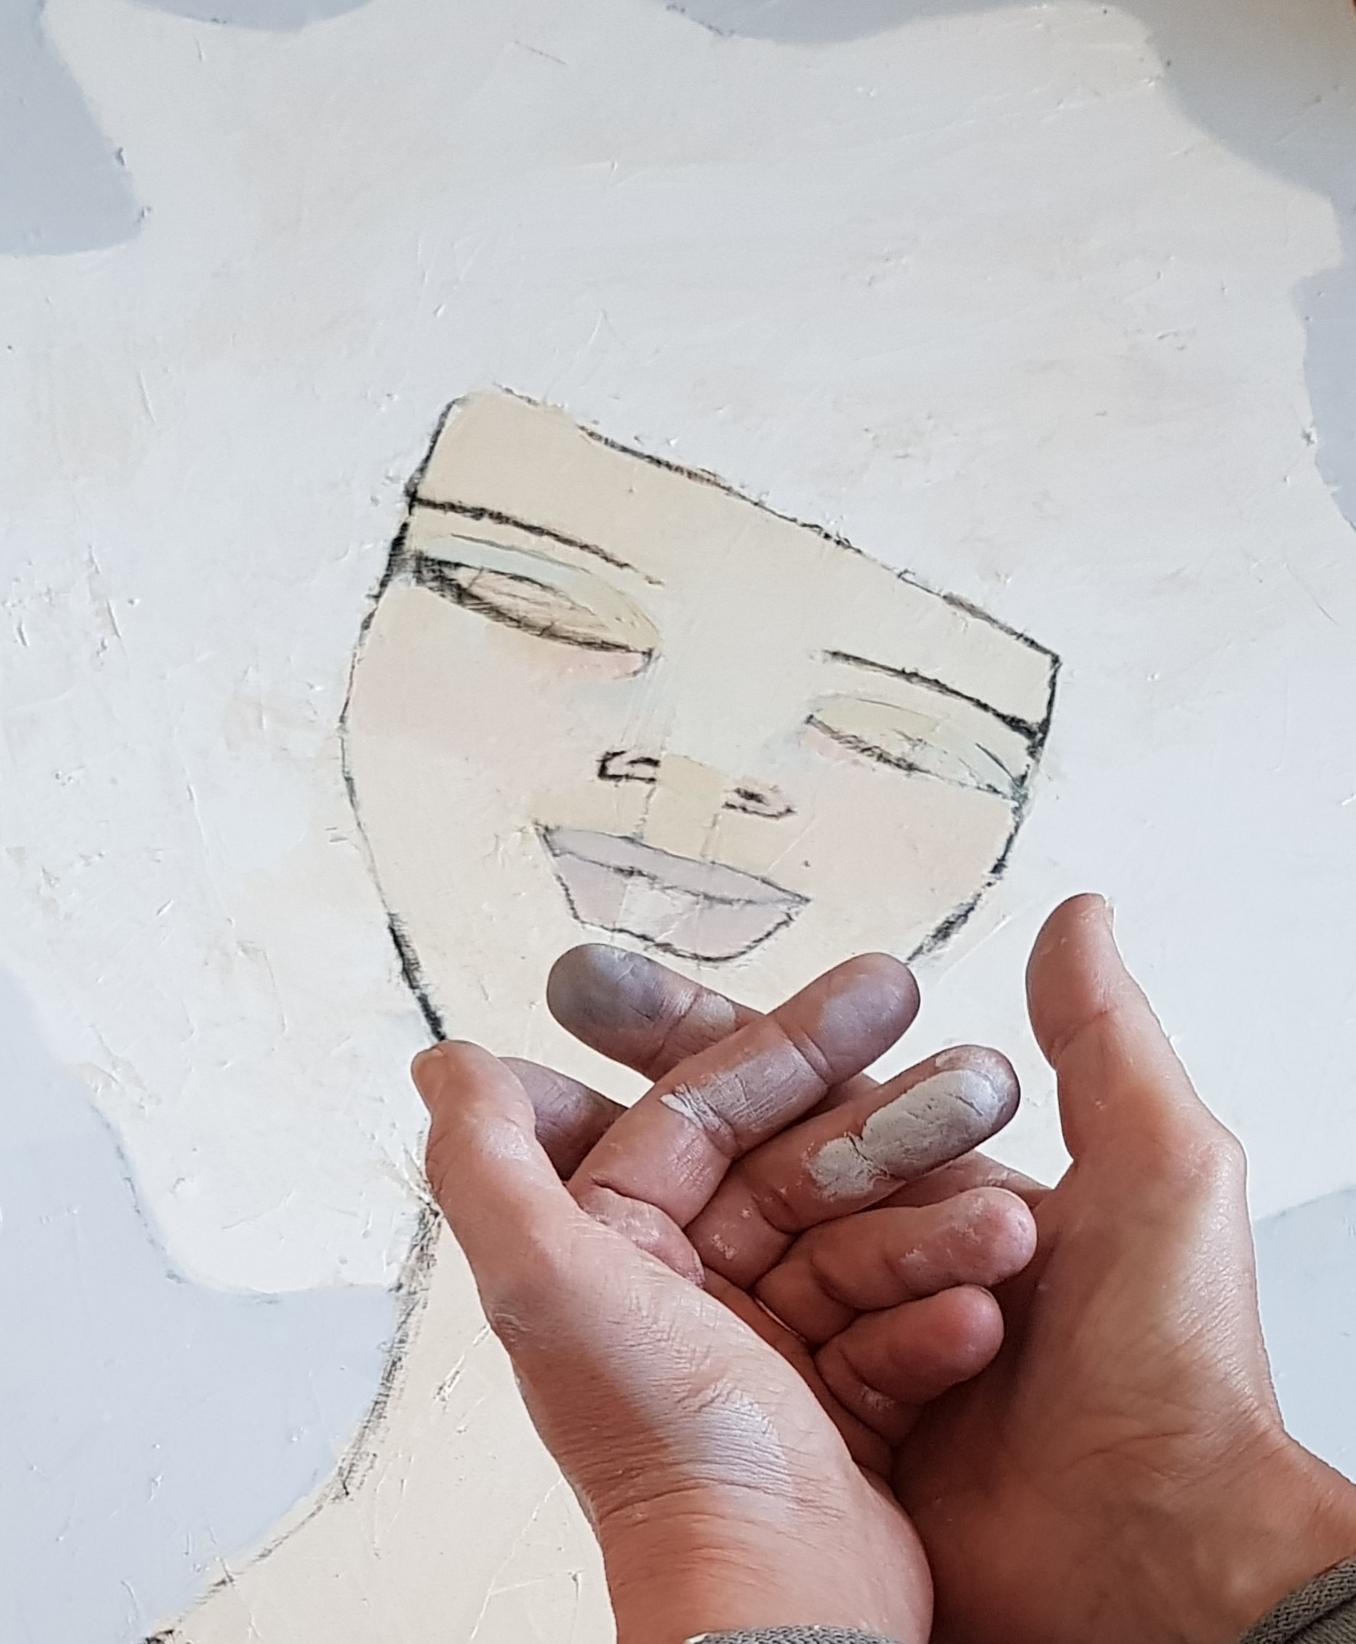 Målar mycket nu, är inne i ett flow…härligt och räds inte färg på fingrarna…det hör ju till. Tavlan i bakgrunden har ingen titel, måtten är dock 60 x 80 cm i olja.